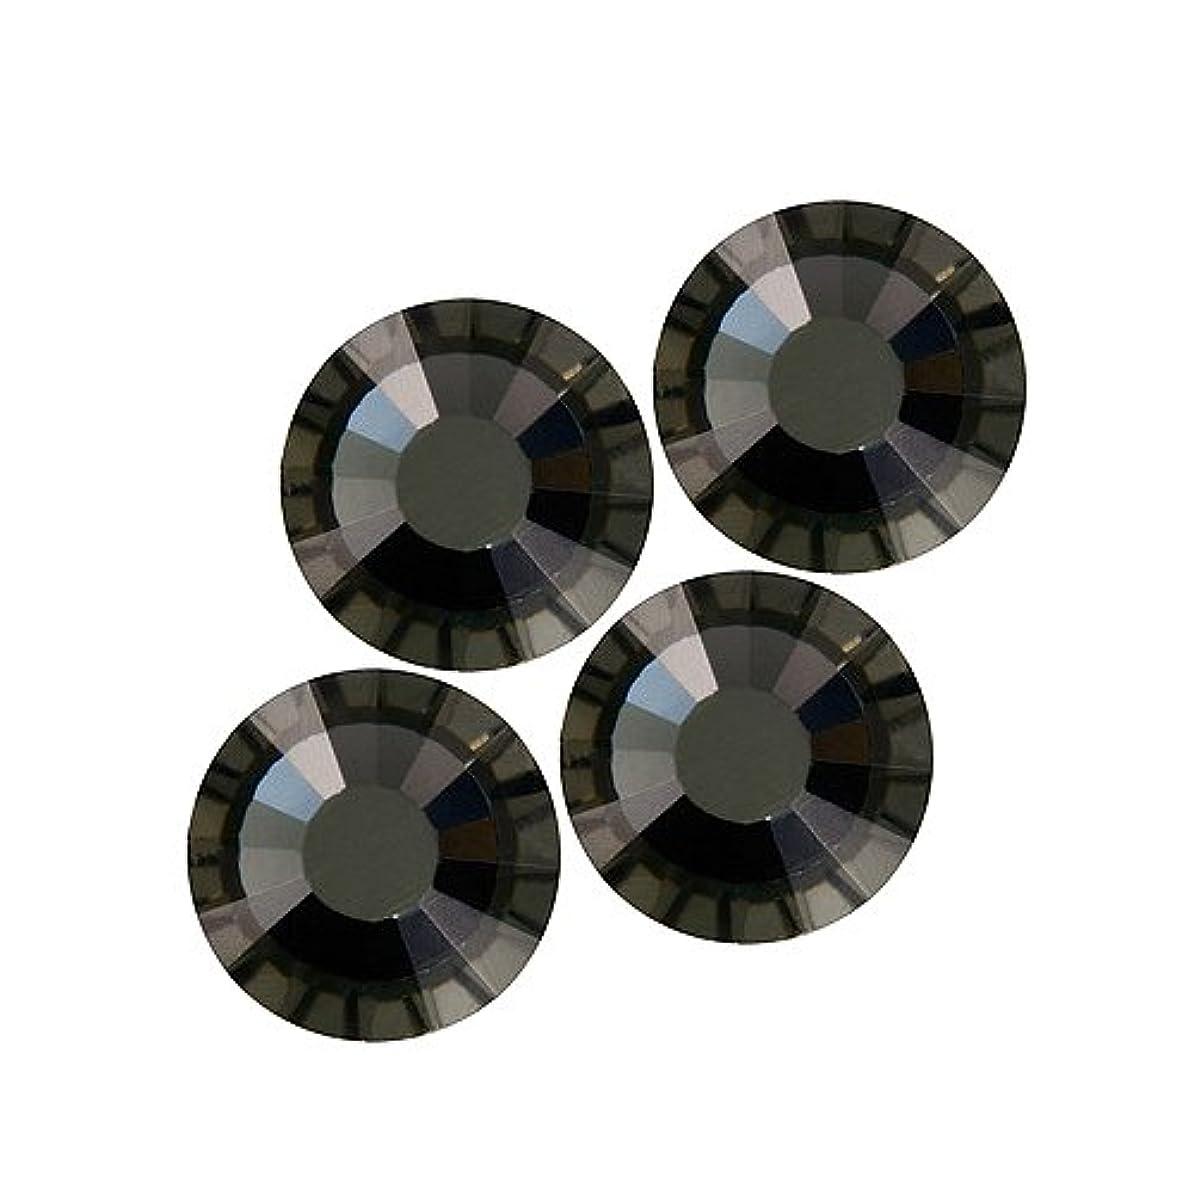 非互換はちみつ真珠のようなバイナル DIAMOND RHINESTONE ブラックダイアモンド SS3 720粒 ST-SS3-BKD-5G